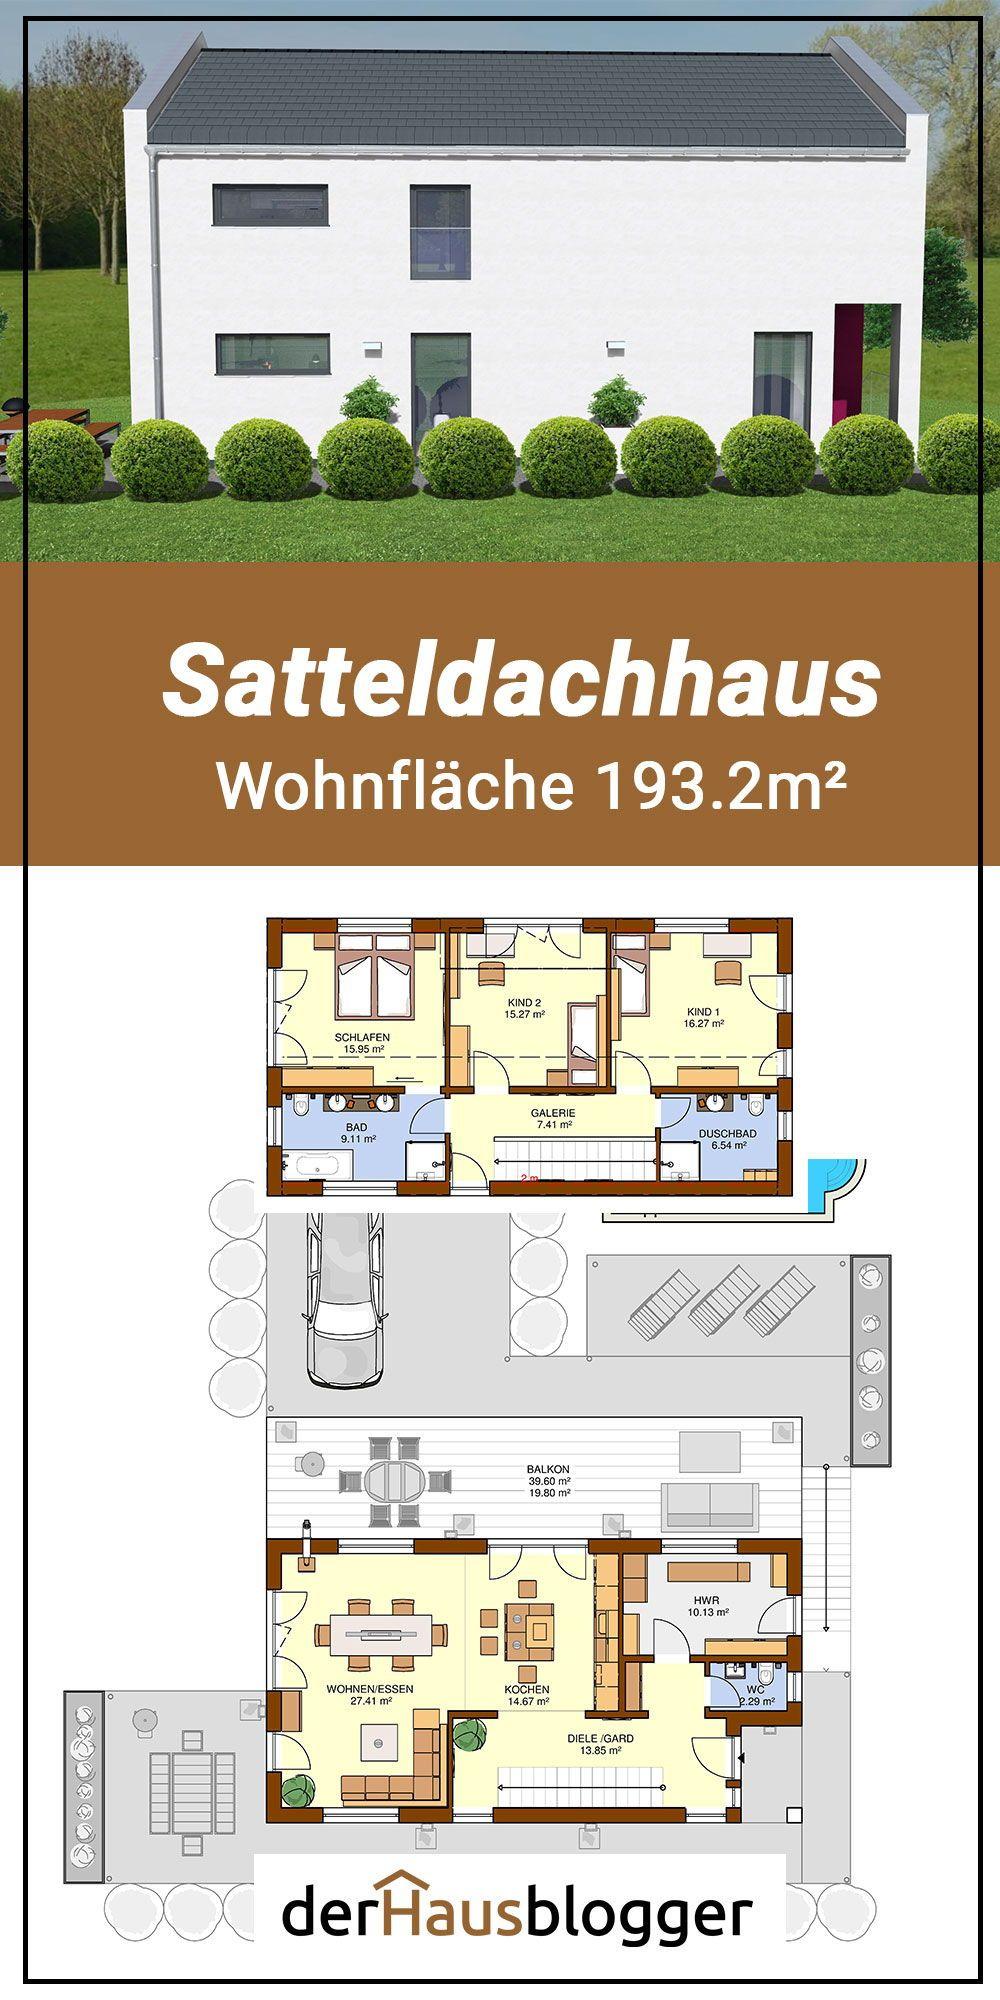 Satteldachhaus 193.2m² Haus, Grundriss einfamilienhaus